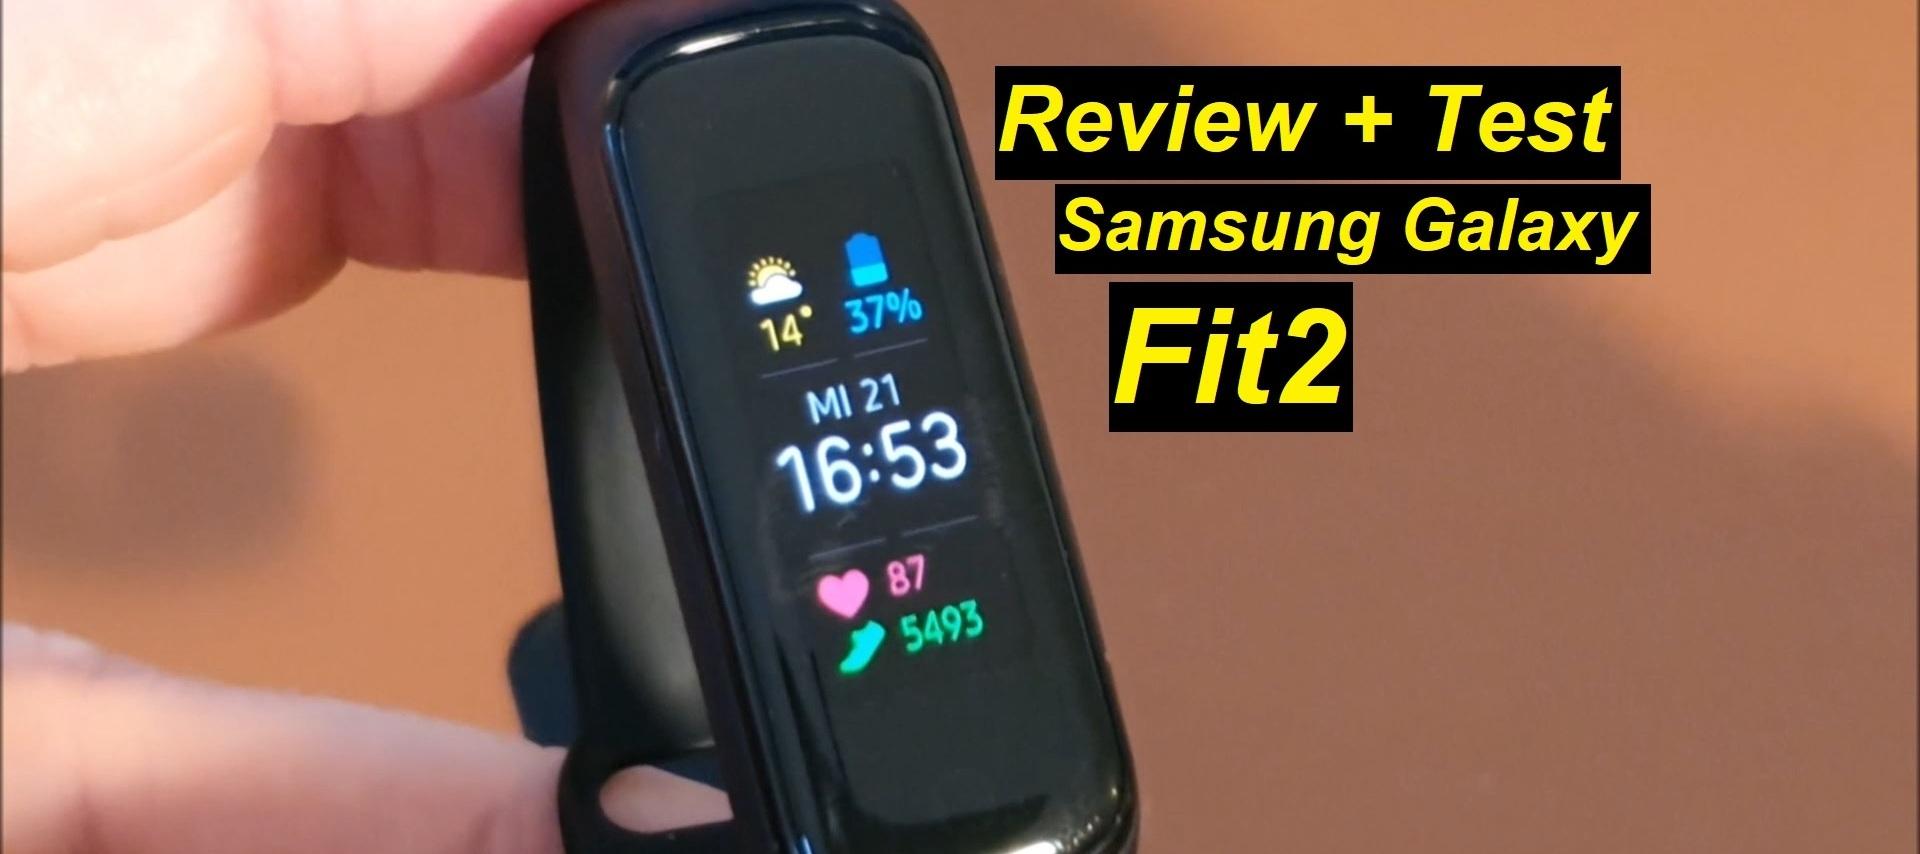 Mein Testurteil zur Samsung Galaxy Fit2 (Review + Test)